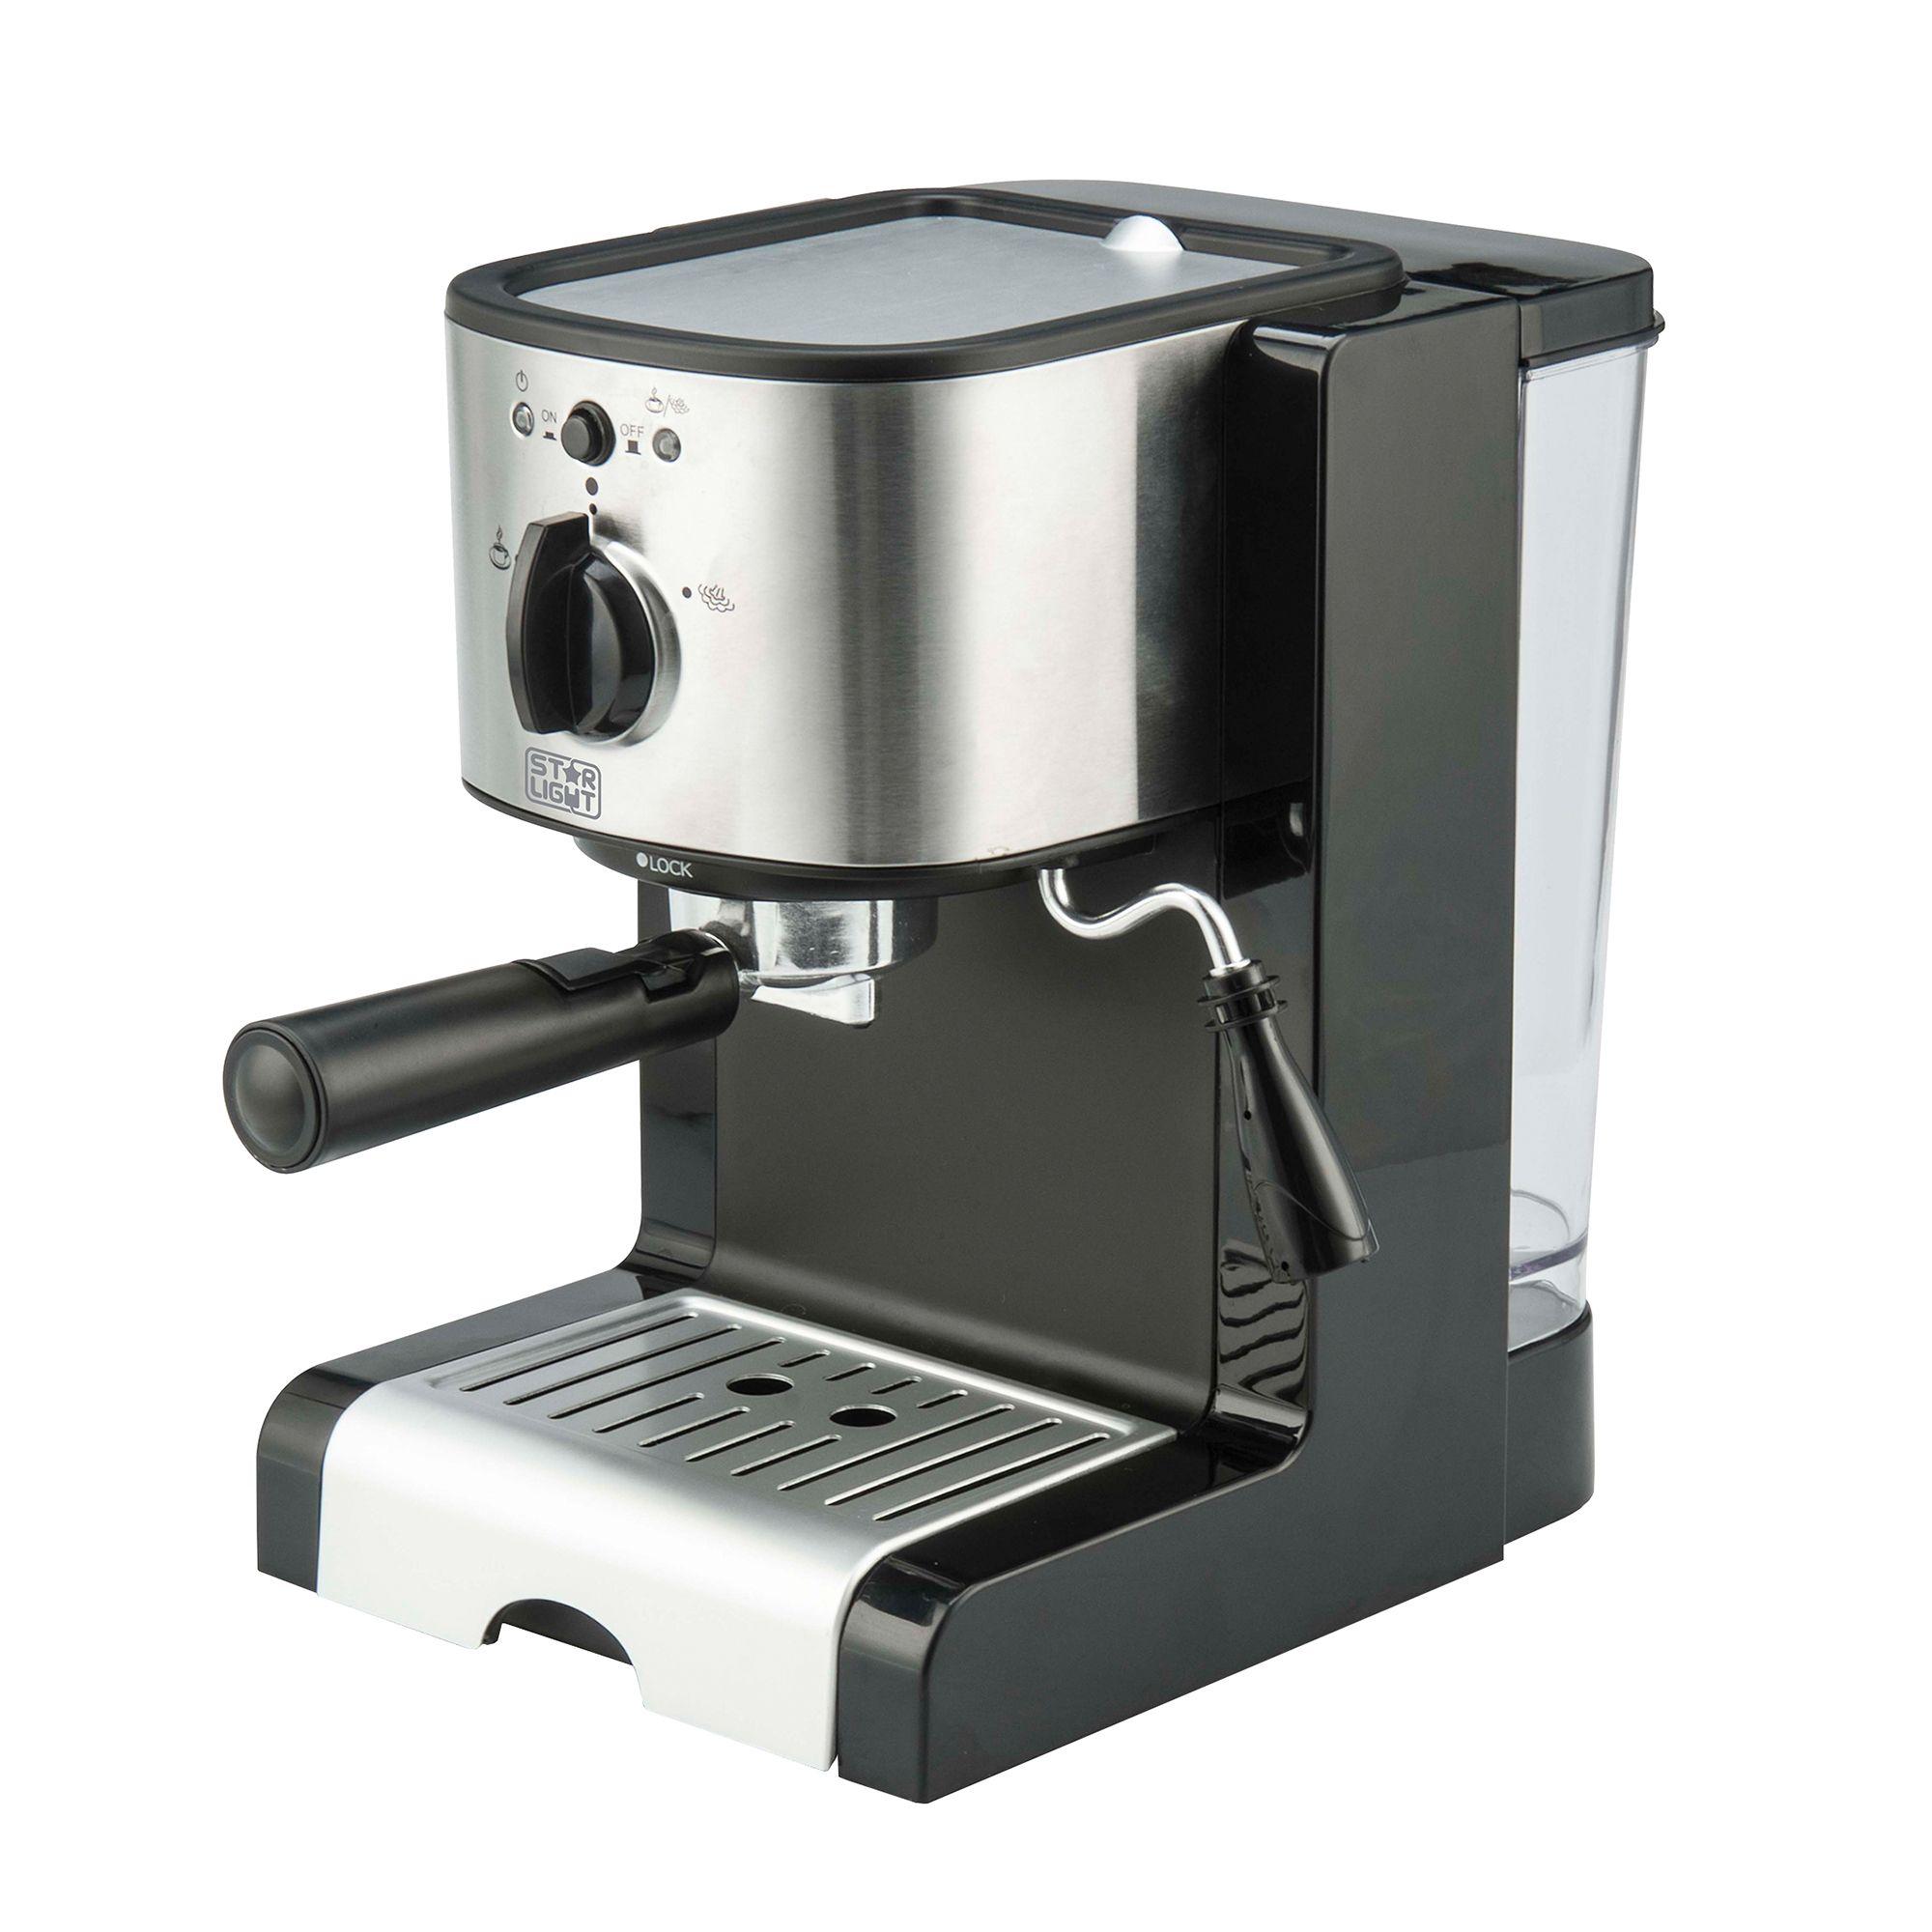 Еспресо машина Star-Light EMD-1515, Ръчна, 15 бара, Устройство за пяна, 1.5 л, Черна/Inox